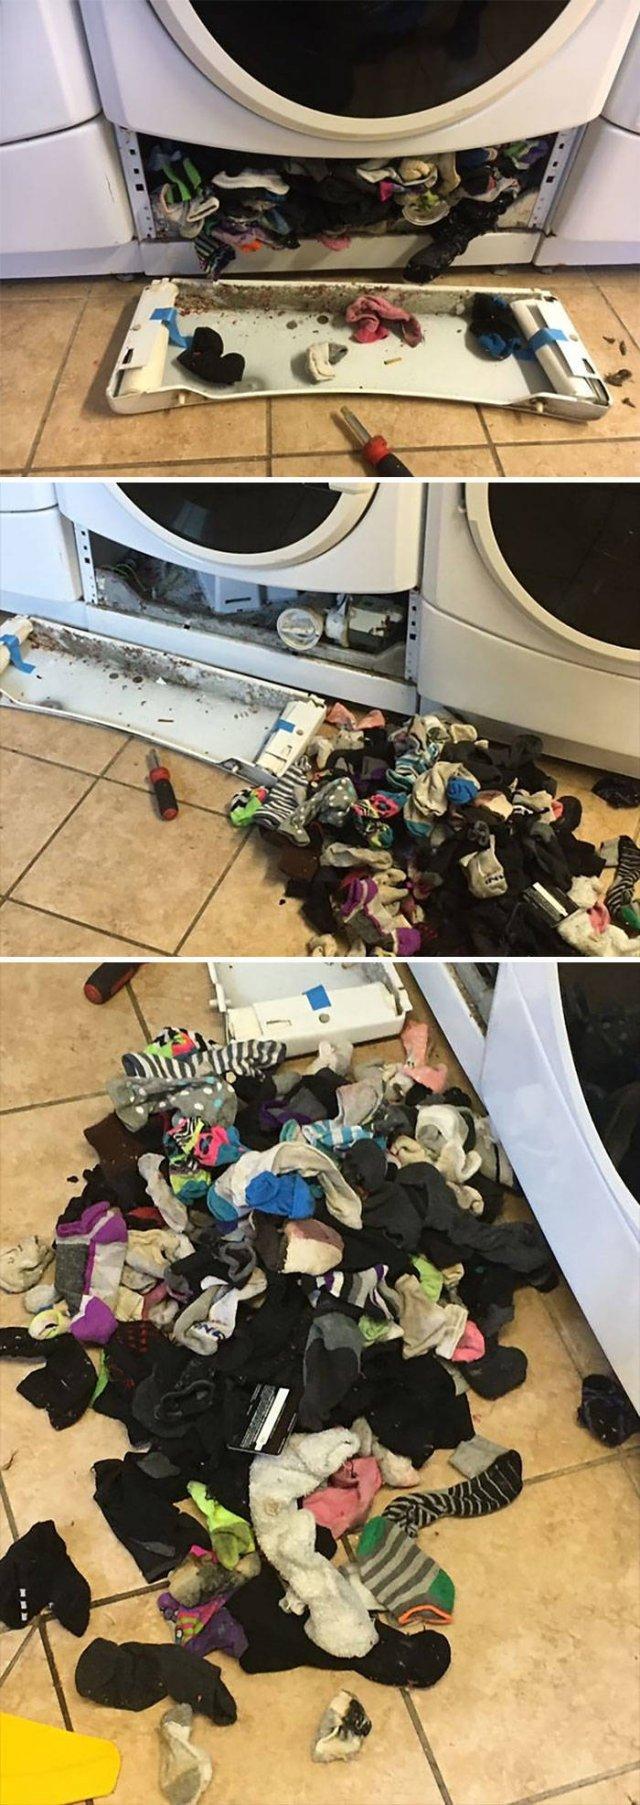 Laundry Fails